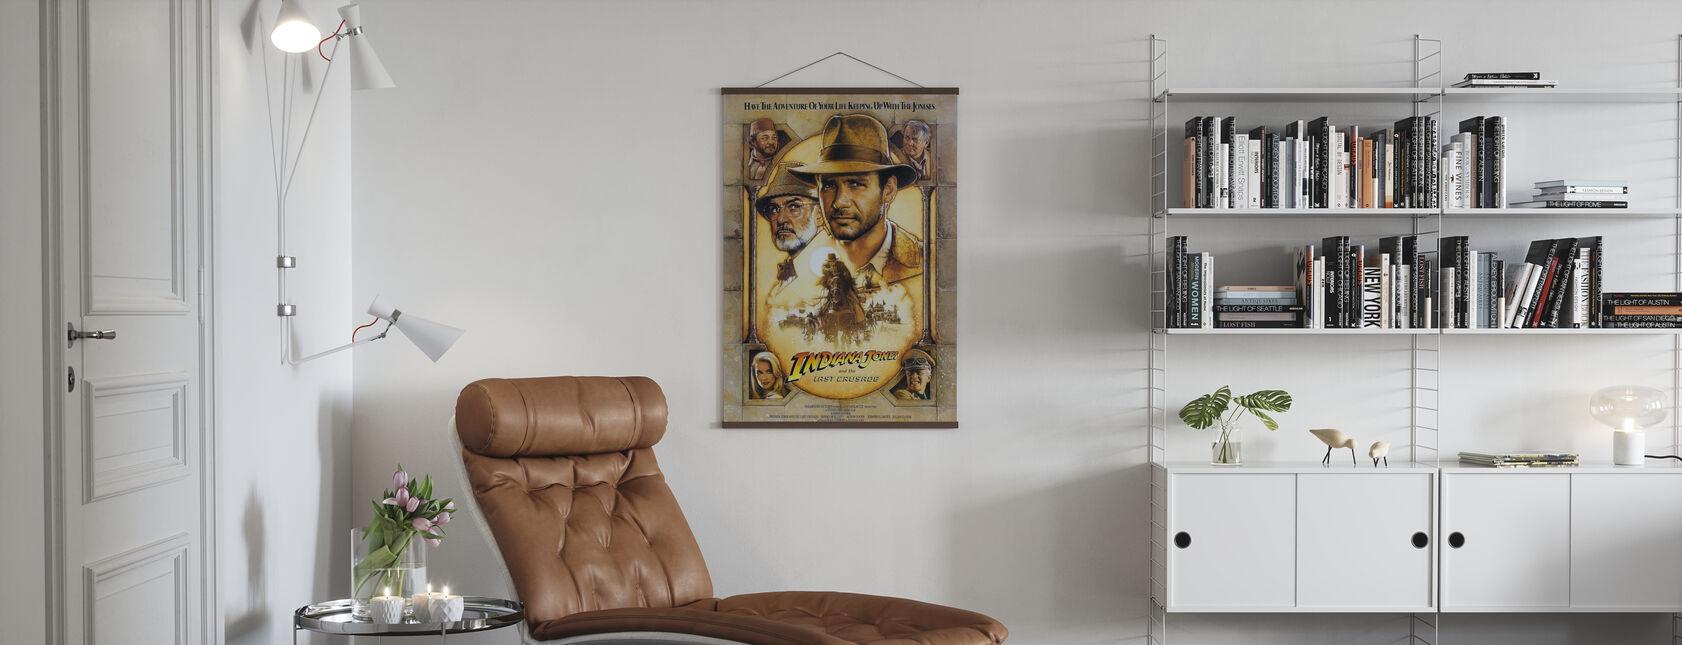 Indiana Jones en de laatste kruistocht - Poster - Woonkamer